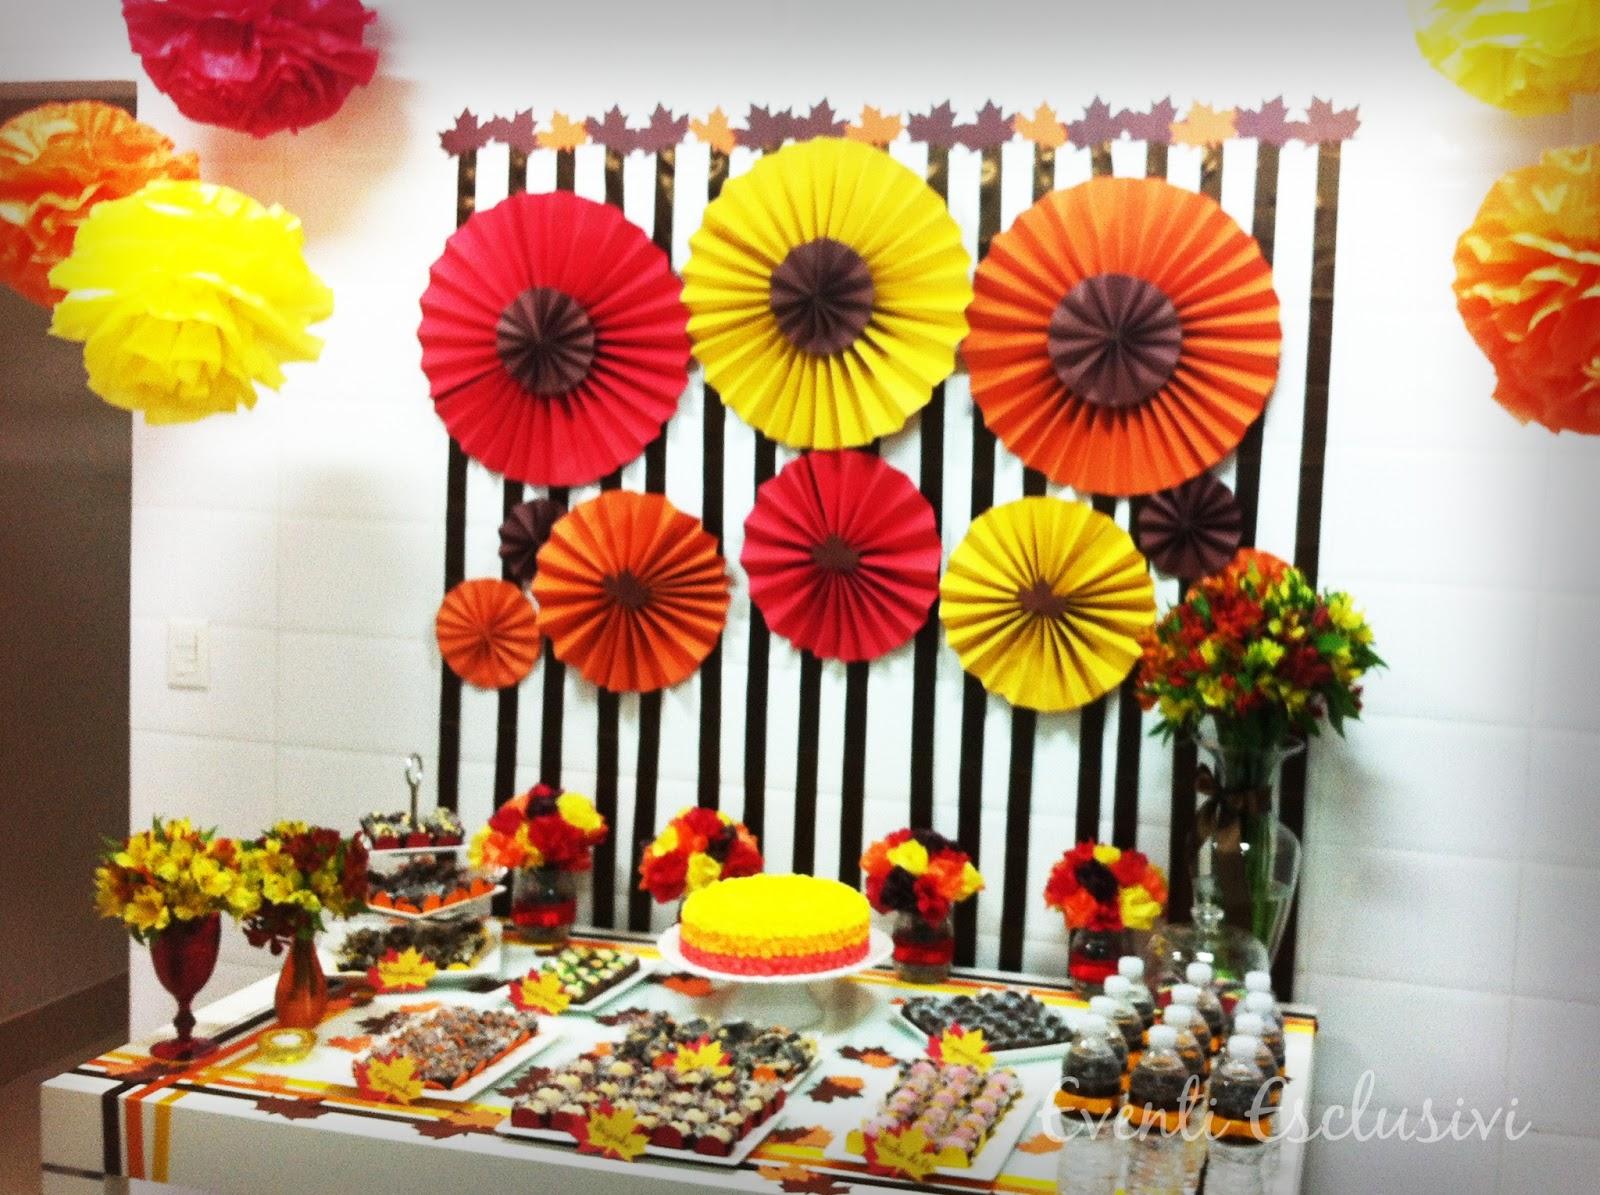 Eventi Esclusivi Cores Quentes! # Decoração Festa Folhas De Outono